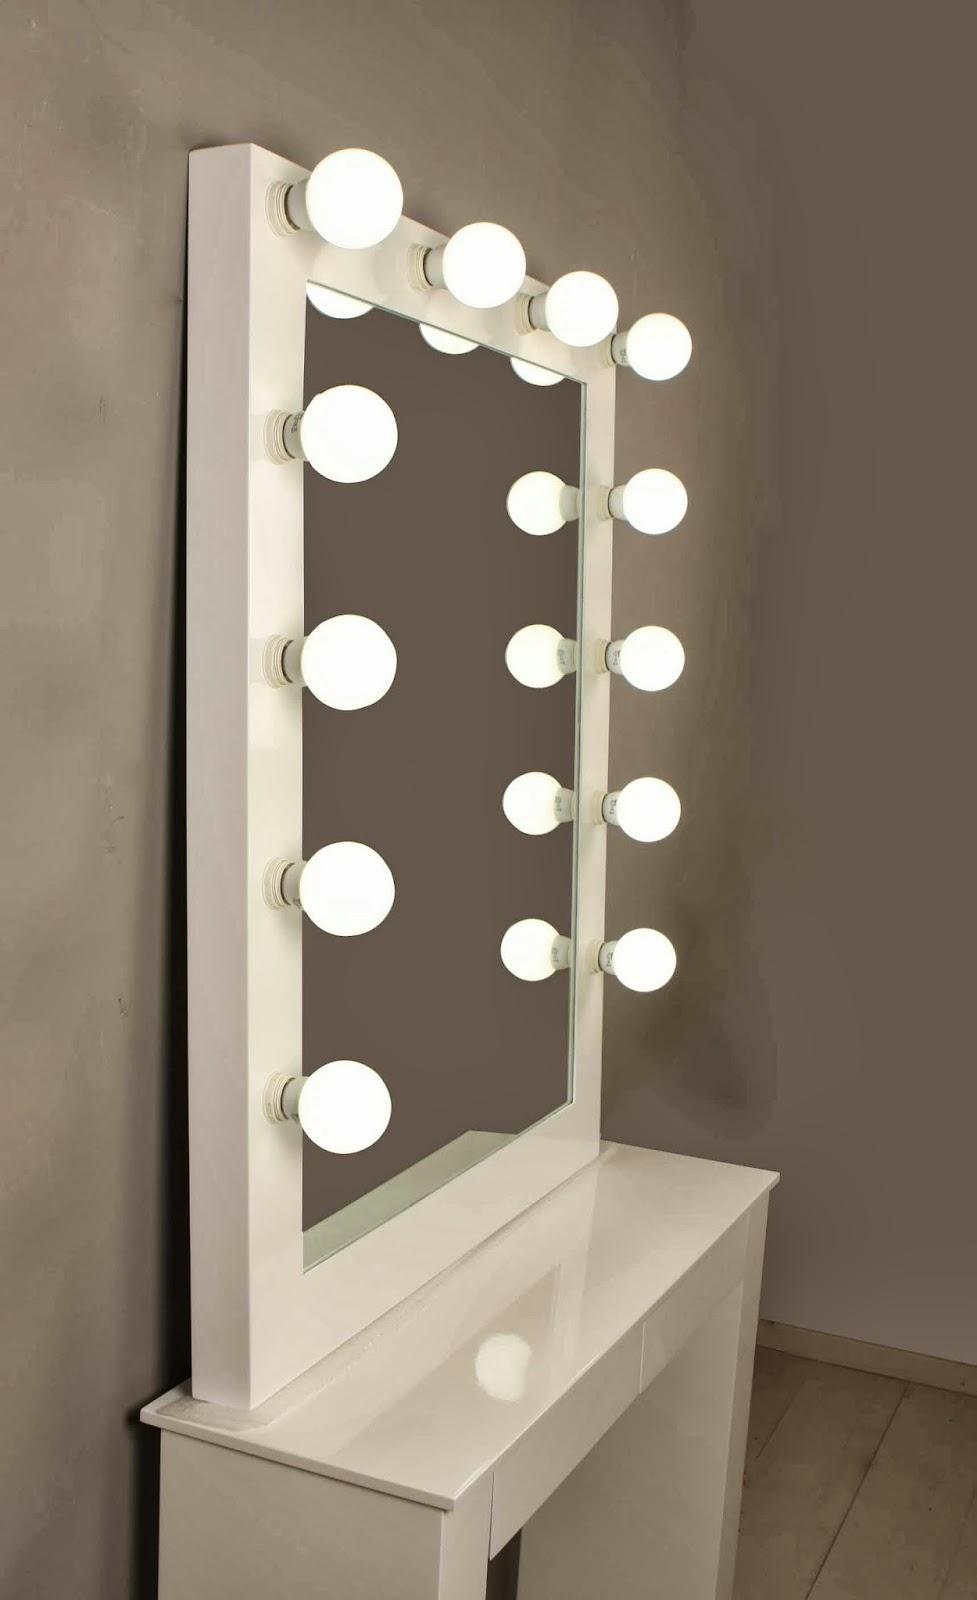 Dekotipo Design Pack Espejo Maquillaje Consola Con Patas ~ Espejos Decorativos Segunda Mano